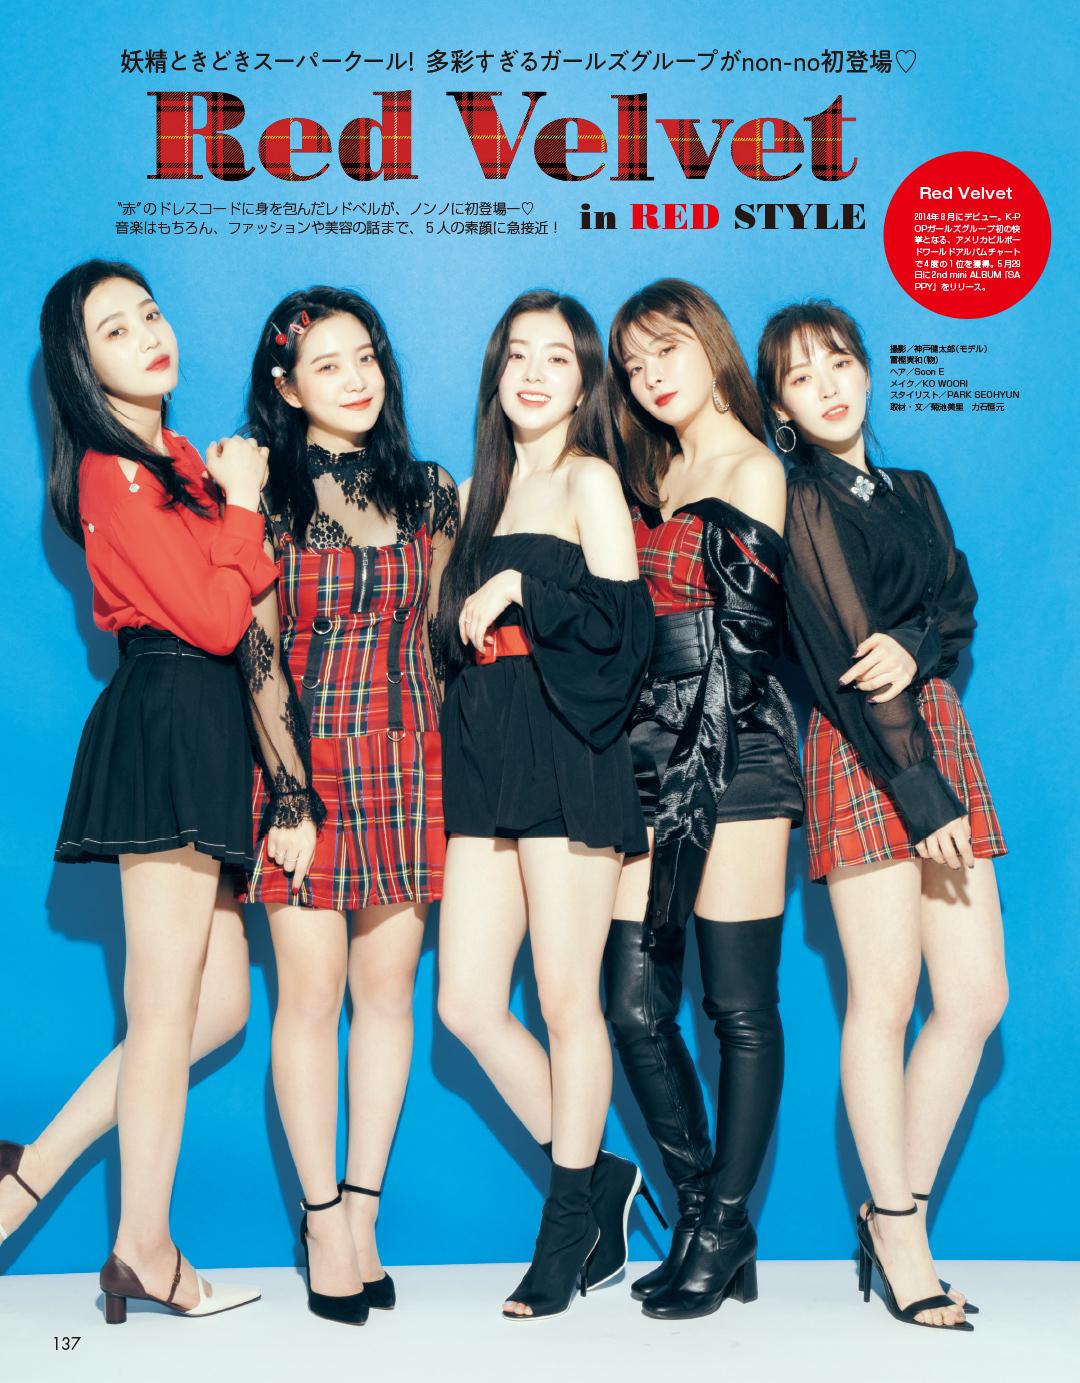 Red Velvet in REDSTYLE